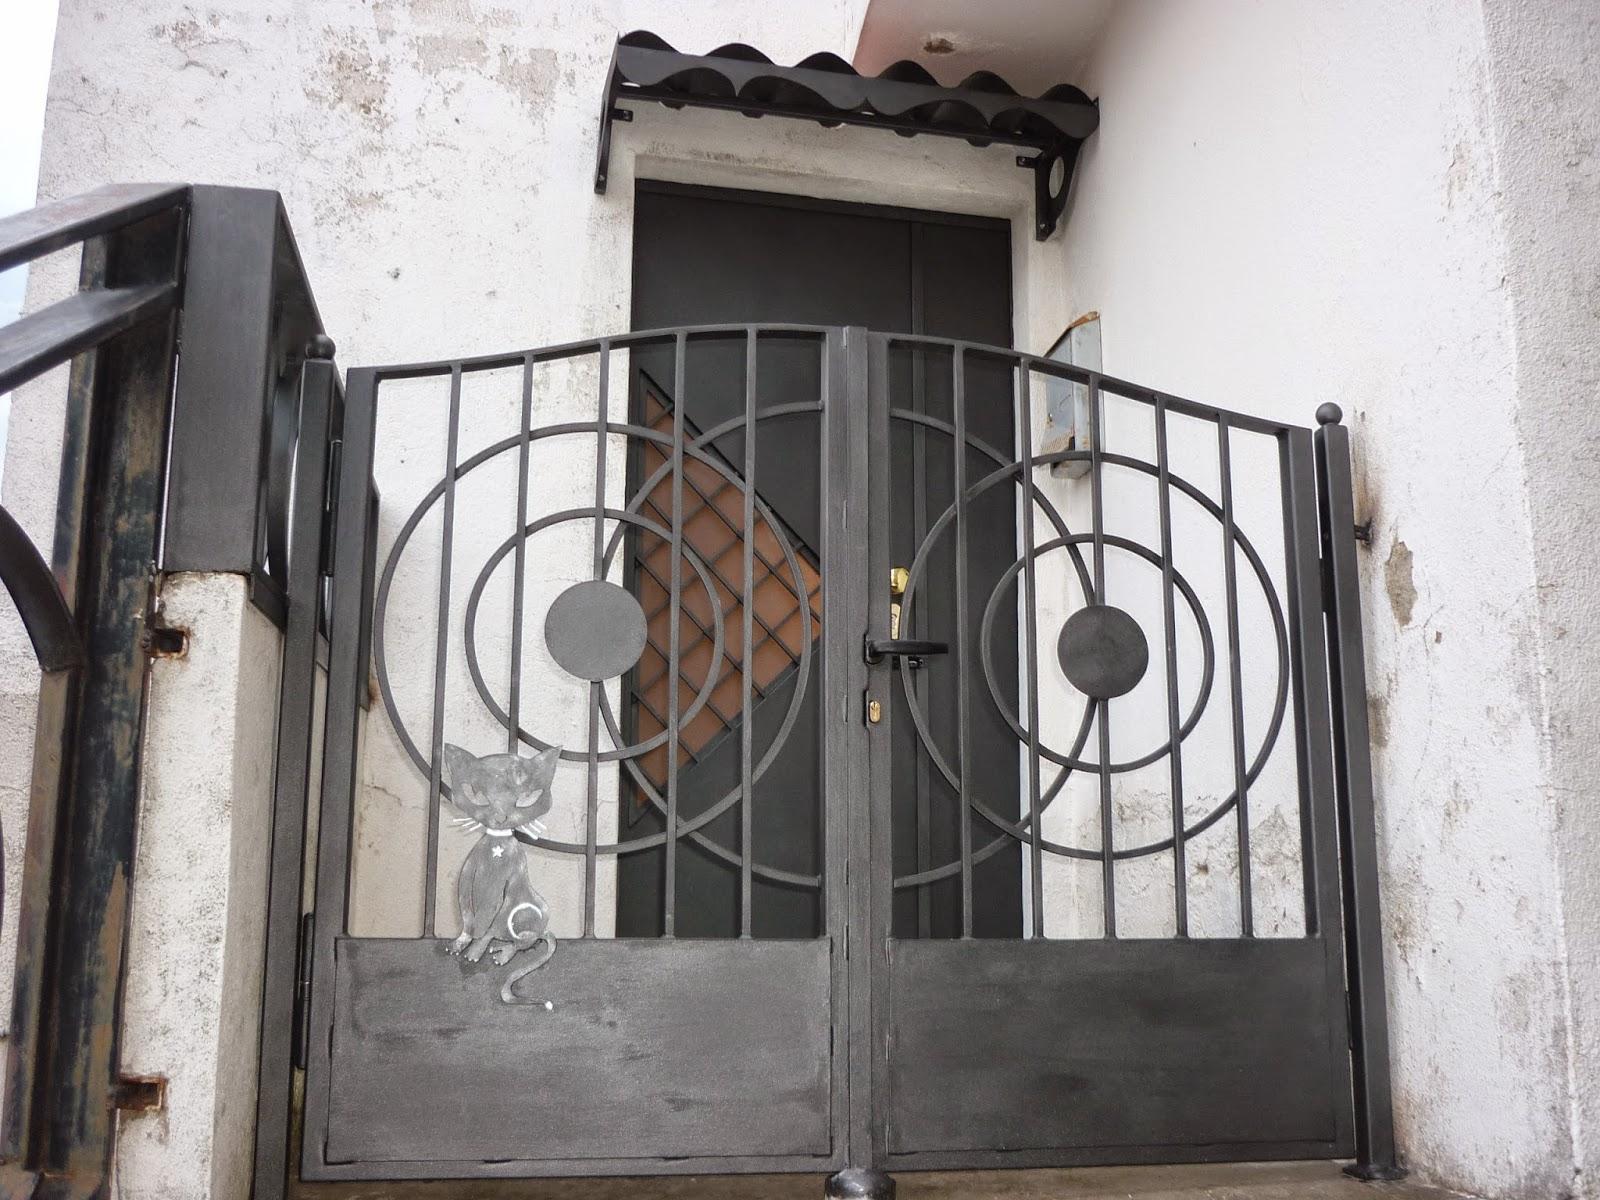 Bottega forgiatura artistica lavori in ferro battuto for Quotazione ferro vecchio in tempo reale